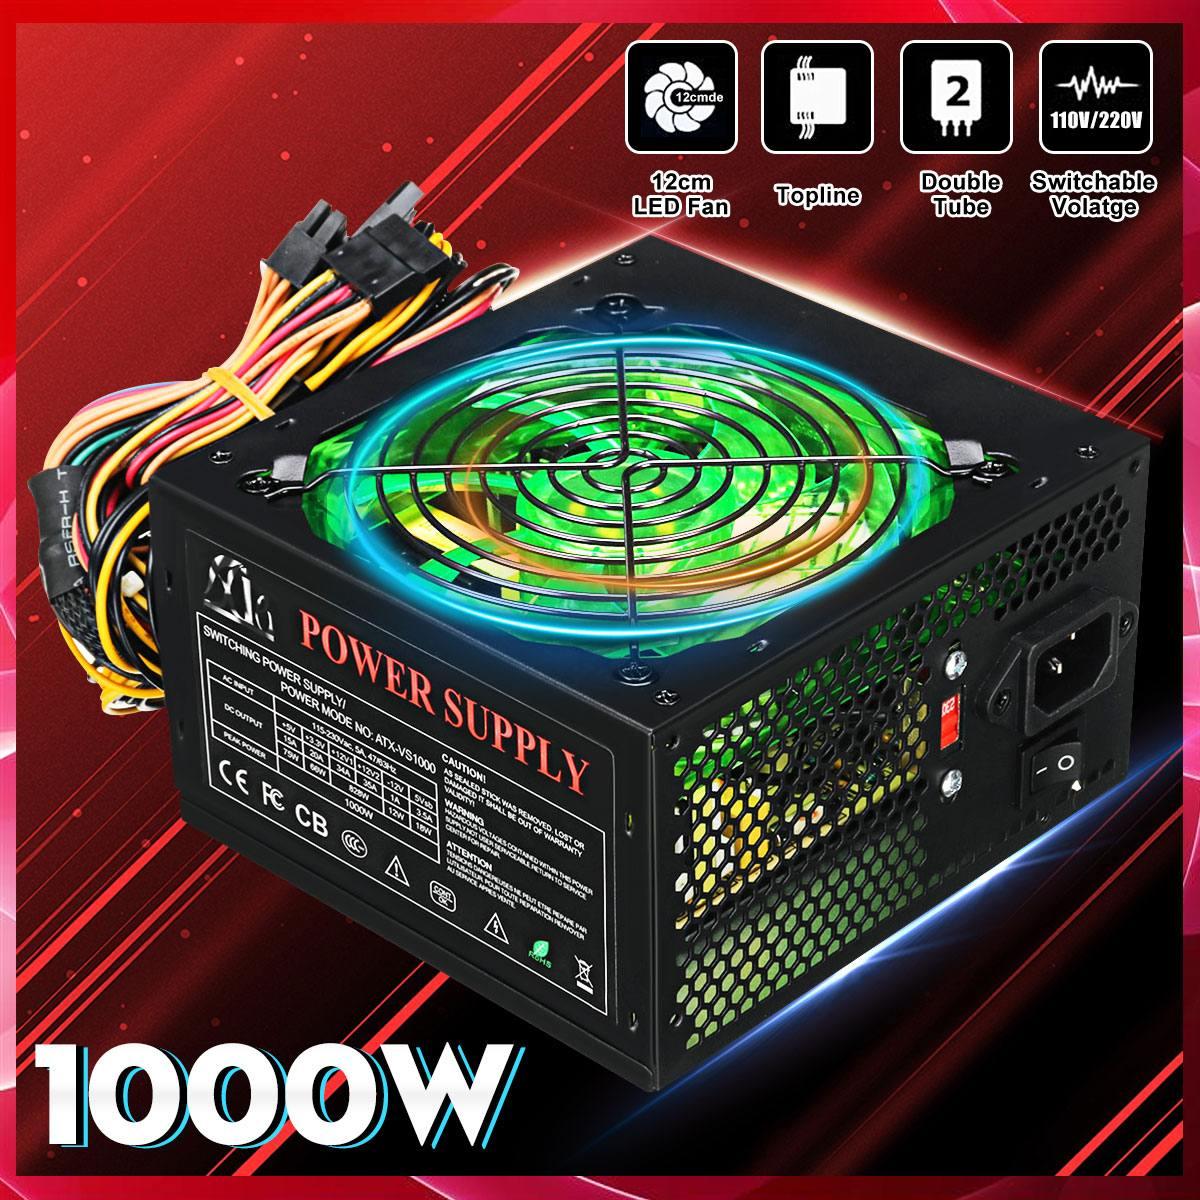 1000W 110 ~ 220V alimentation PSU PFC 12cm LED ventilateur silencieux ATX 24pin 12V PC ordinateur SATA alimentation de jeu pour Intel AMD bureau